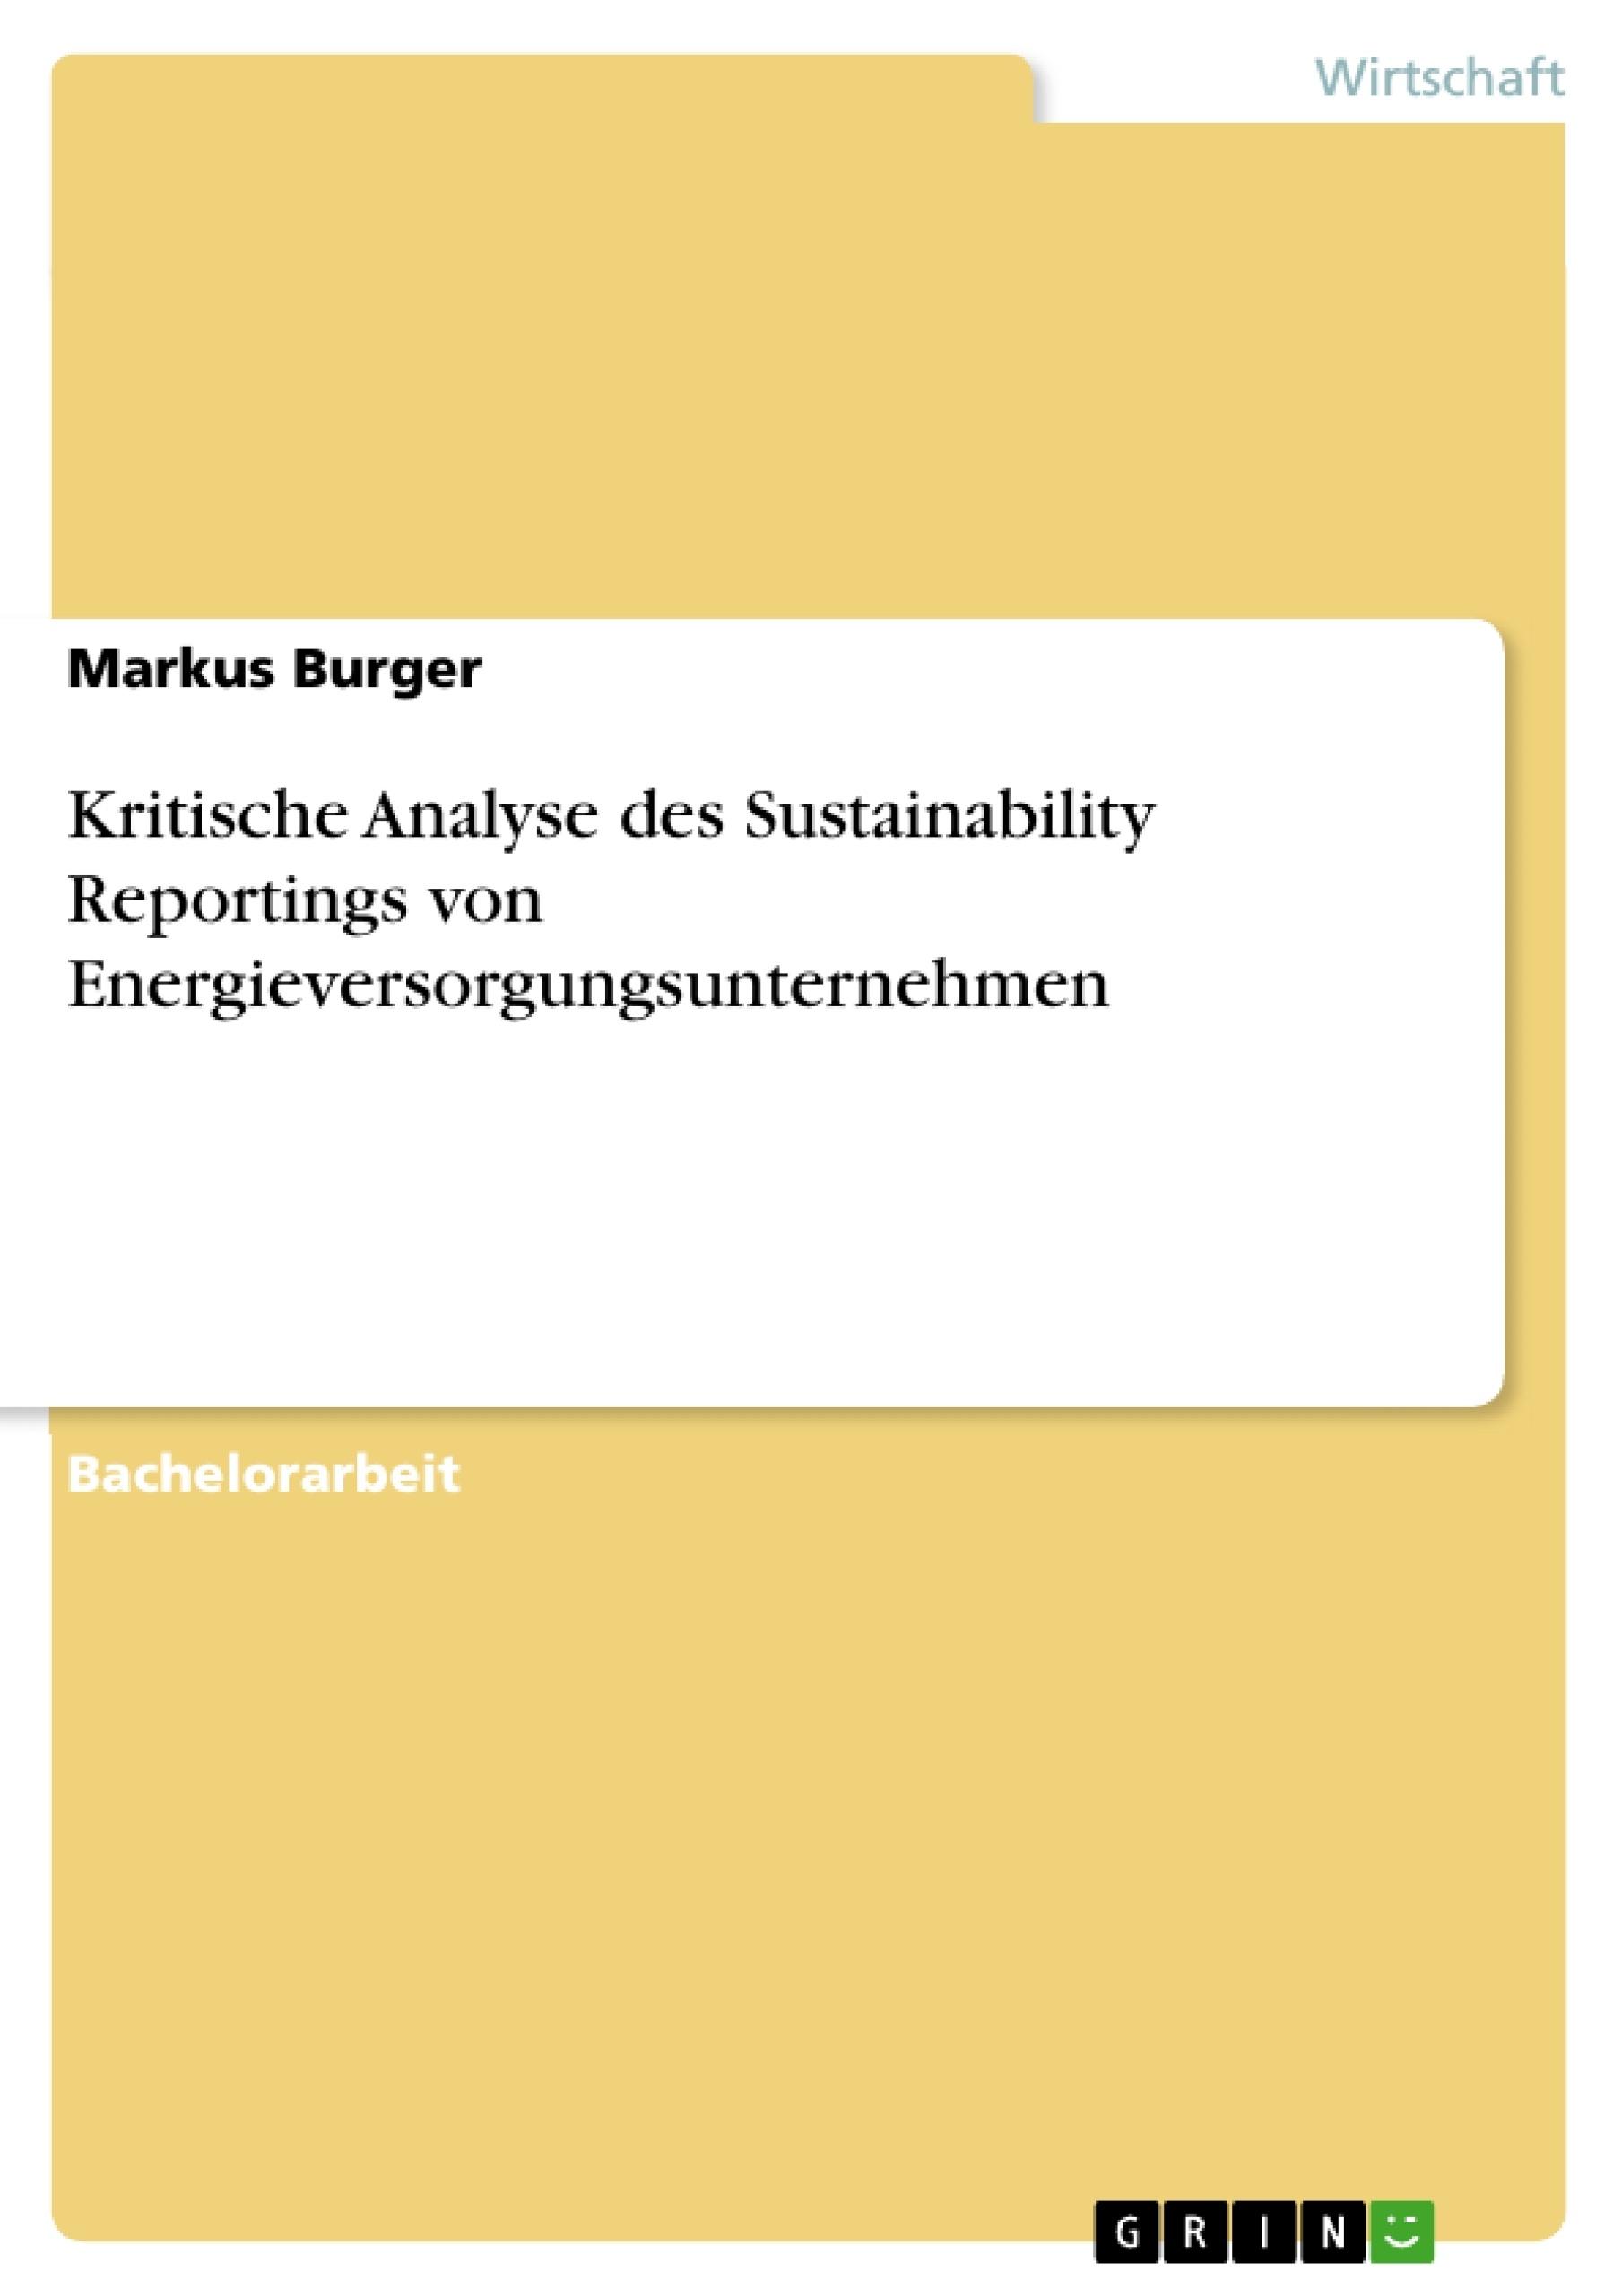 Titel: Kritische Analyse des Sustainability Reportings von Energieversorgungsunternehmen